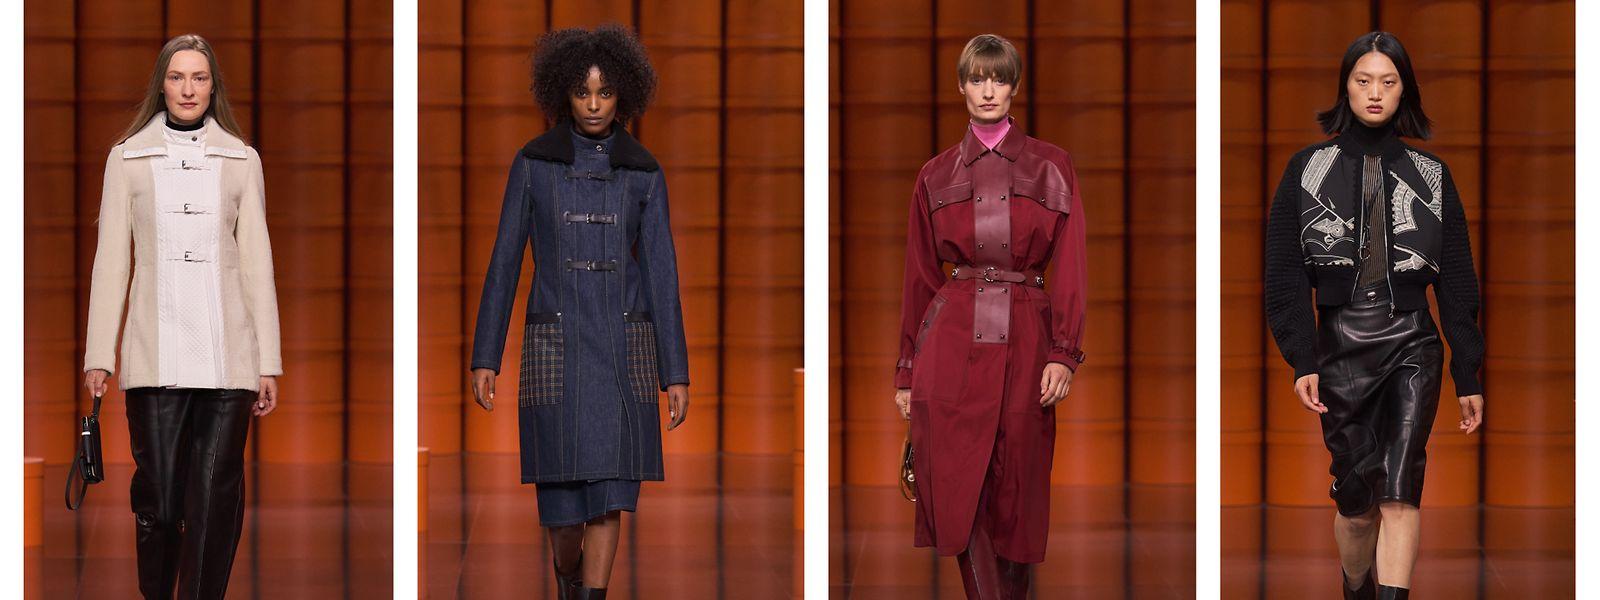 Strenge Schnitte, viele dunkle Töne und ab und zu Leder - bei Hermès blieb man der bisherigen Linie recht treu.